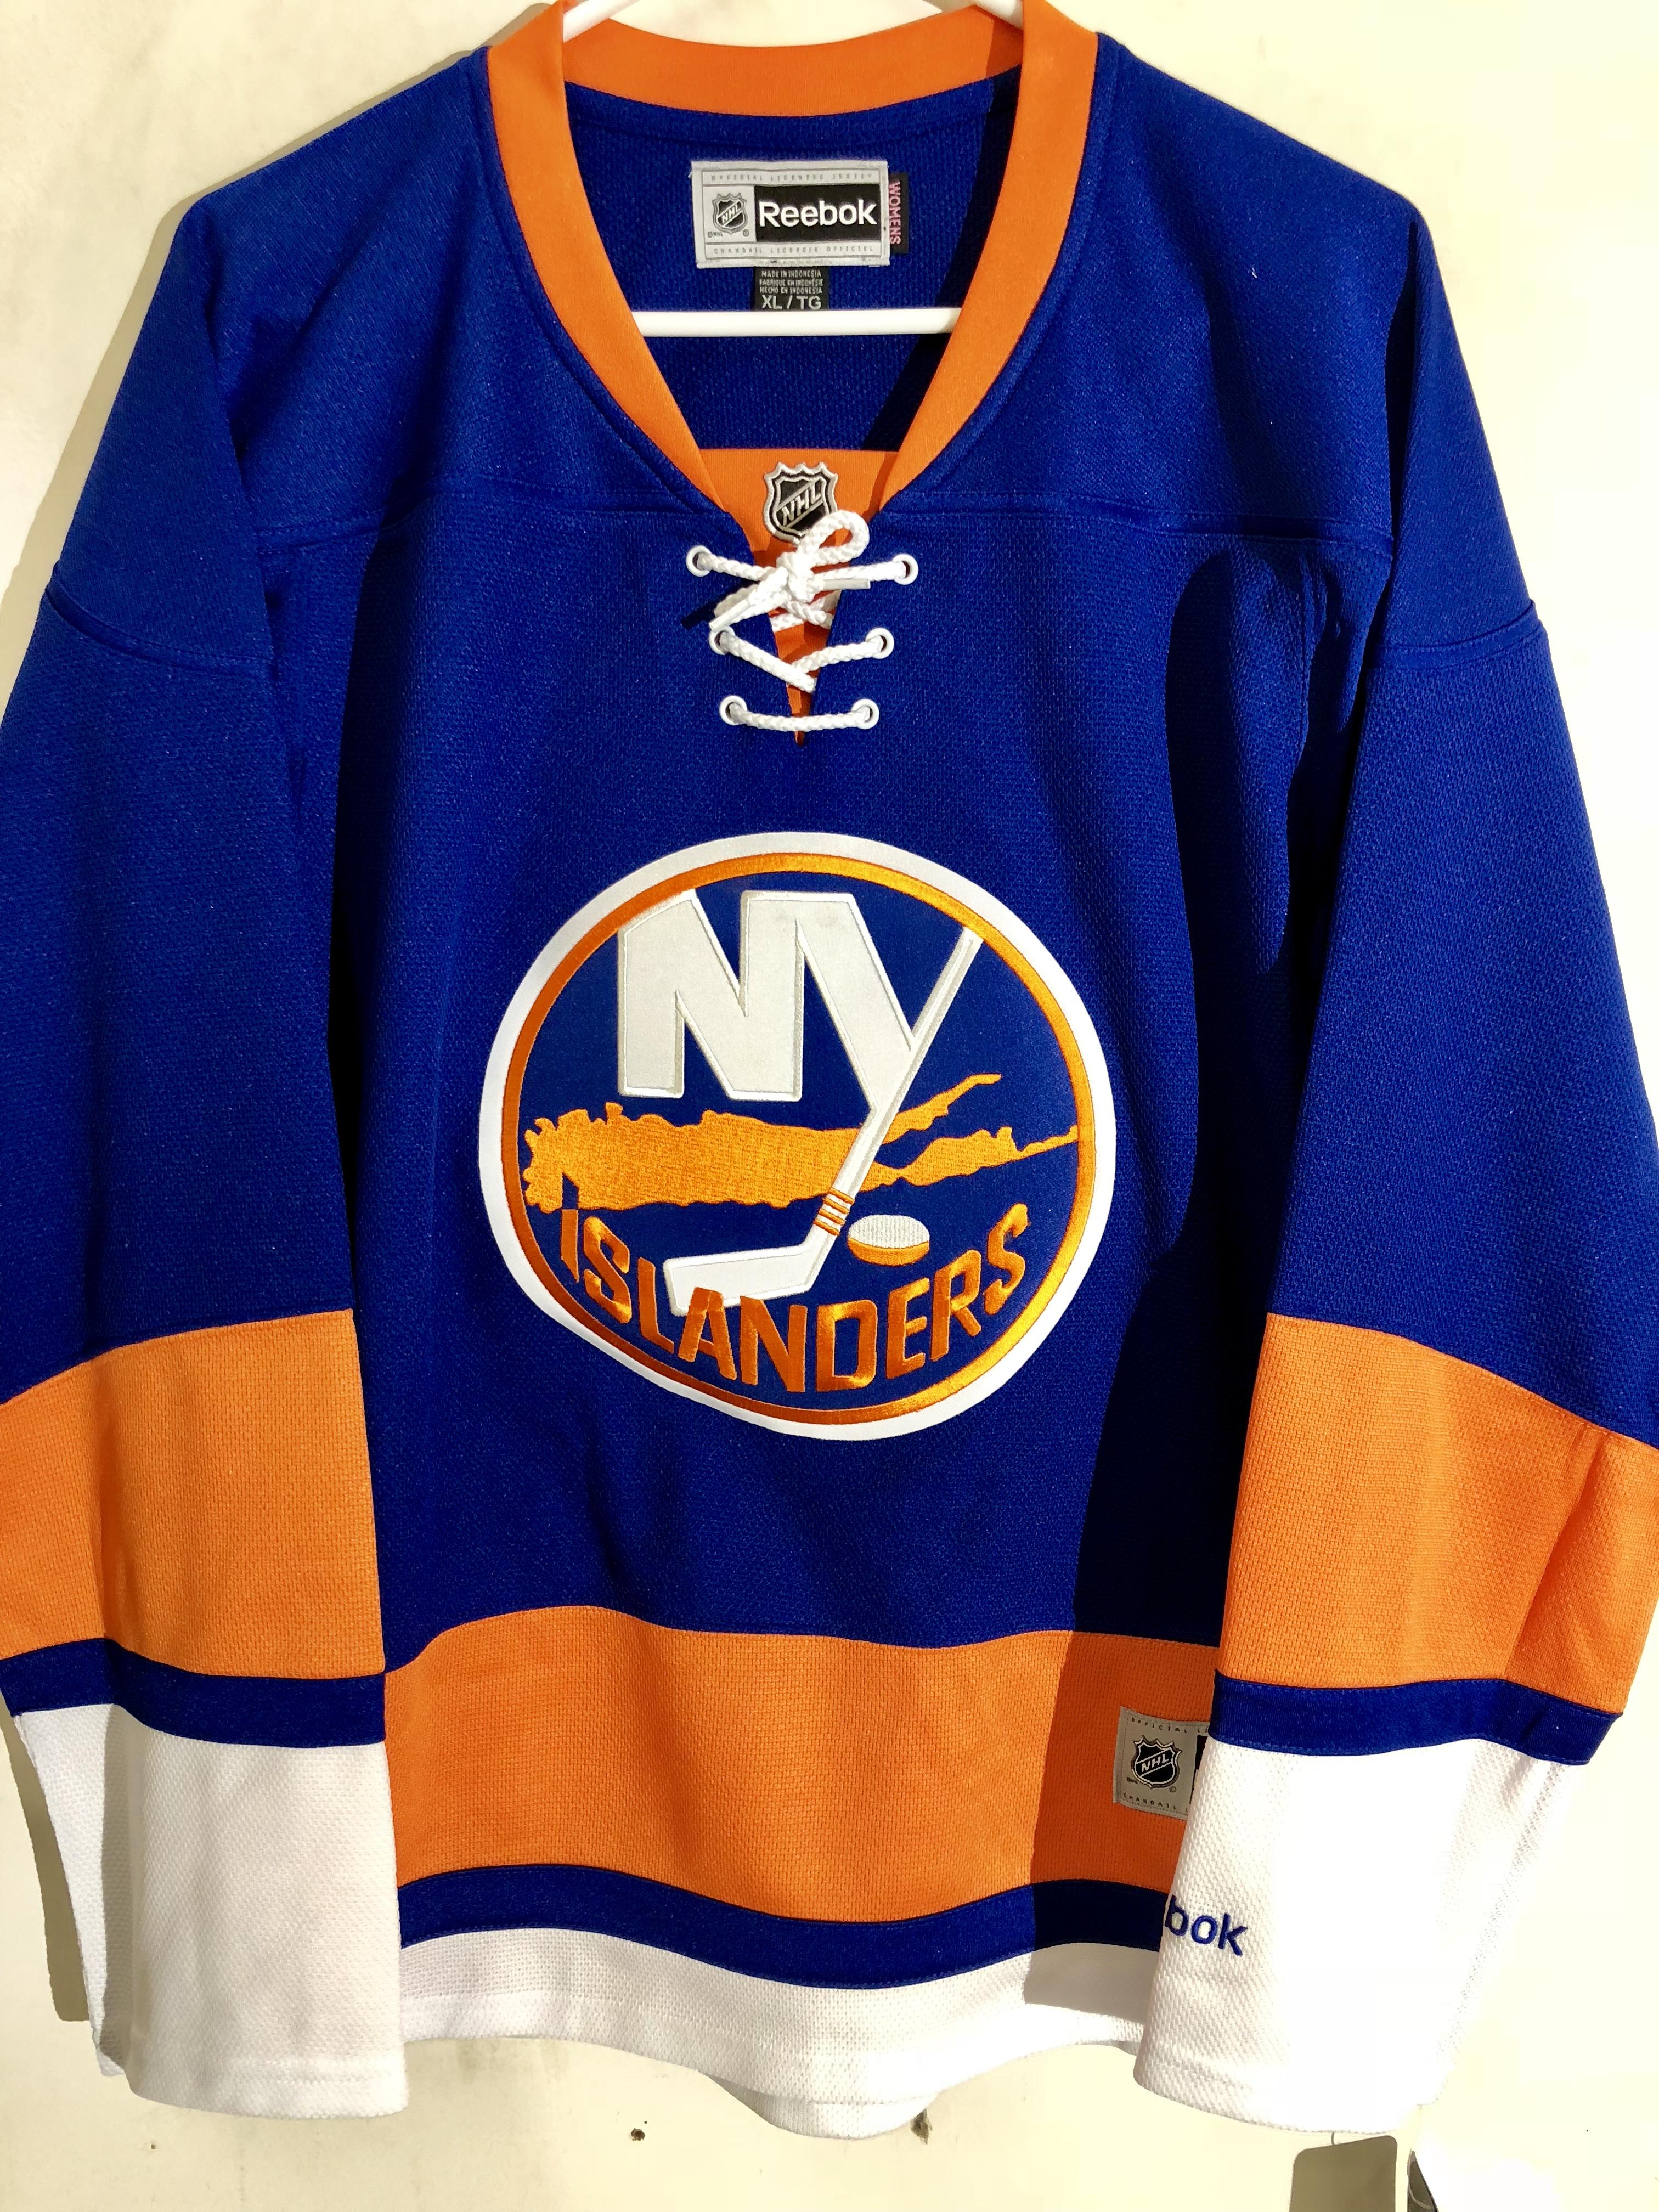 best service 8267e 80416 Details about Reebok Women's Premier NHL Jersey New York Islanders Team  Blue sz 2X